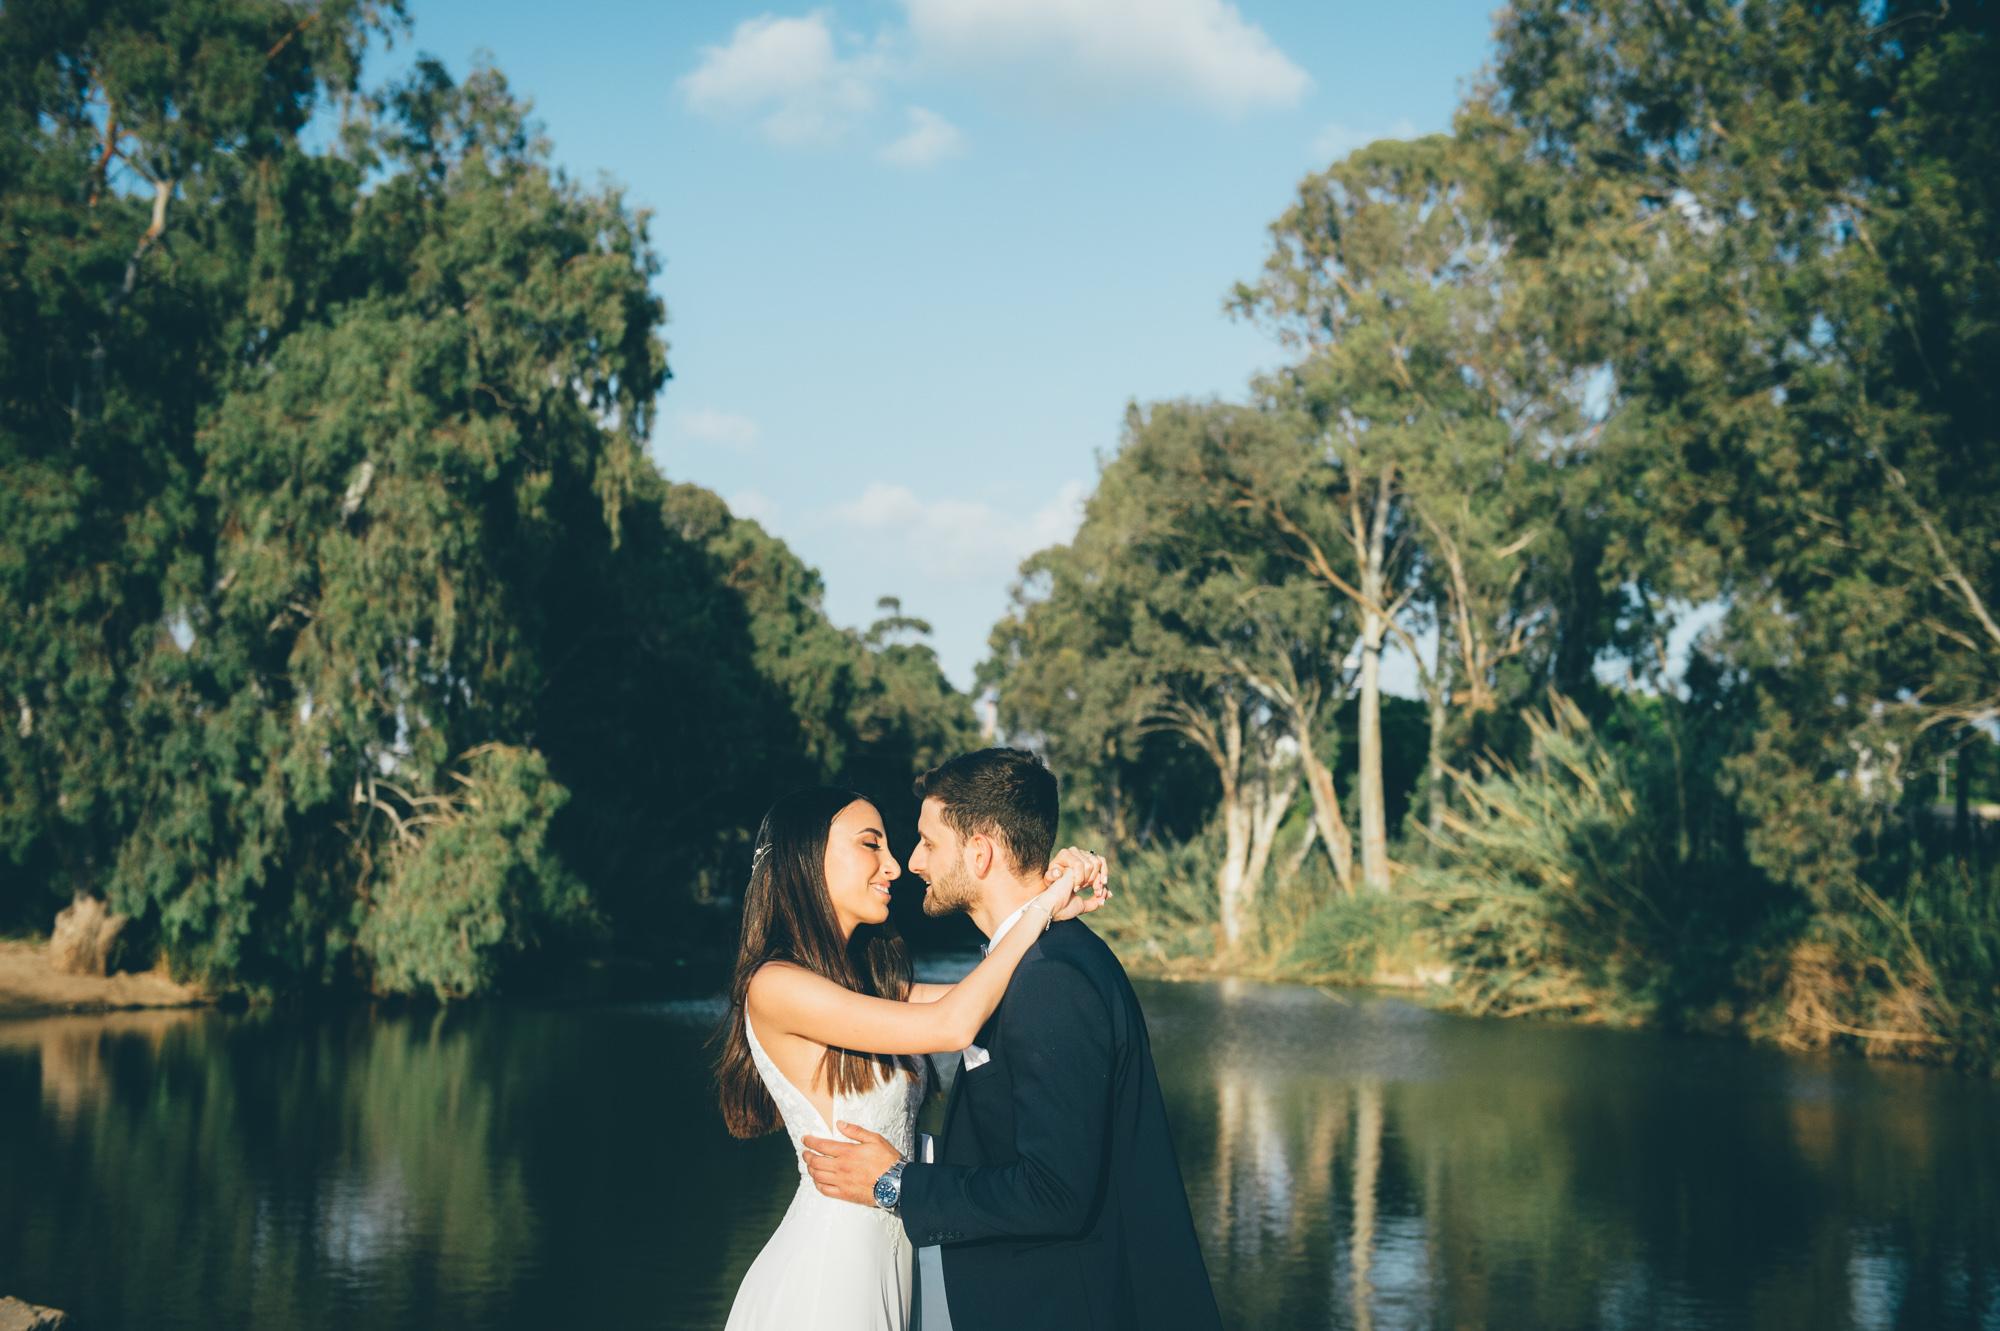 Wedding photos by - Asaf Kliger-53.jpg